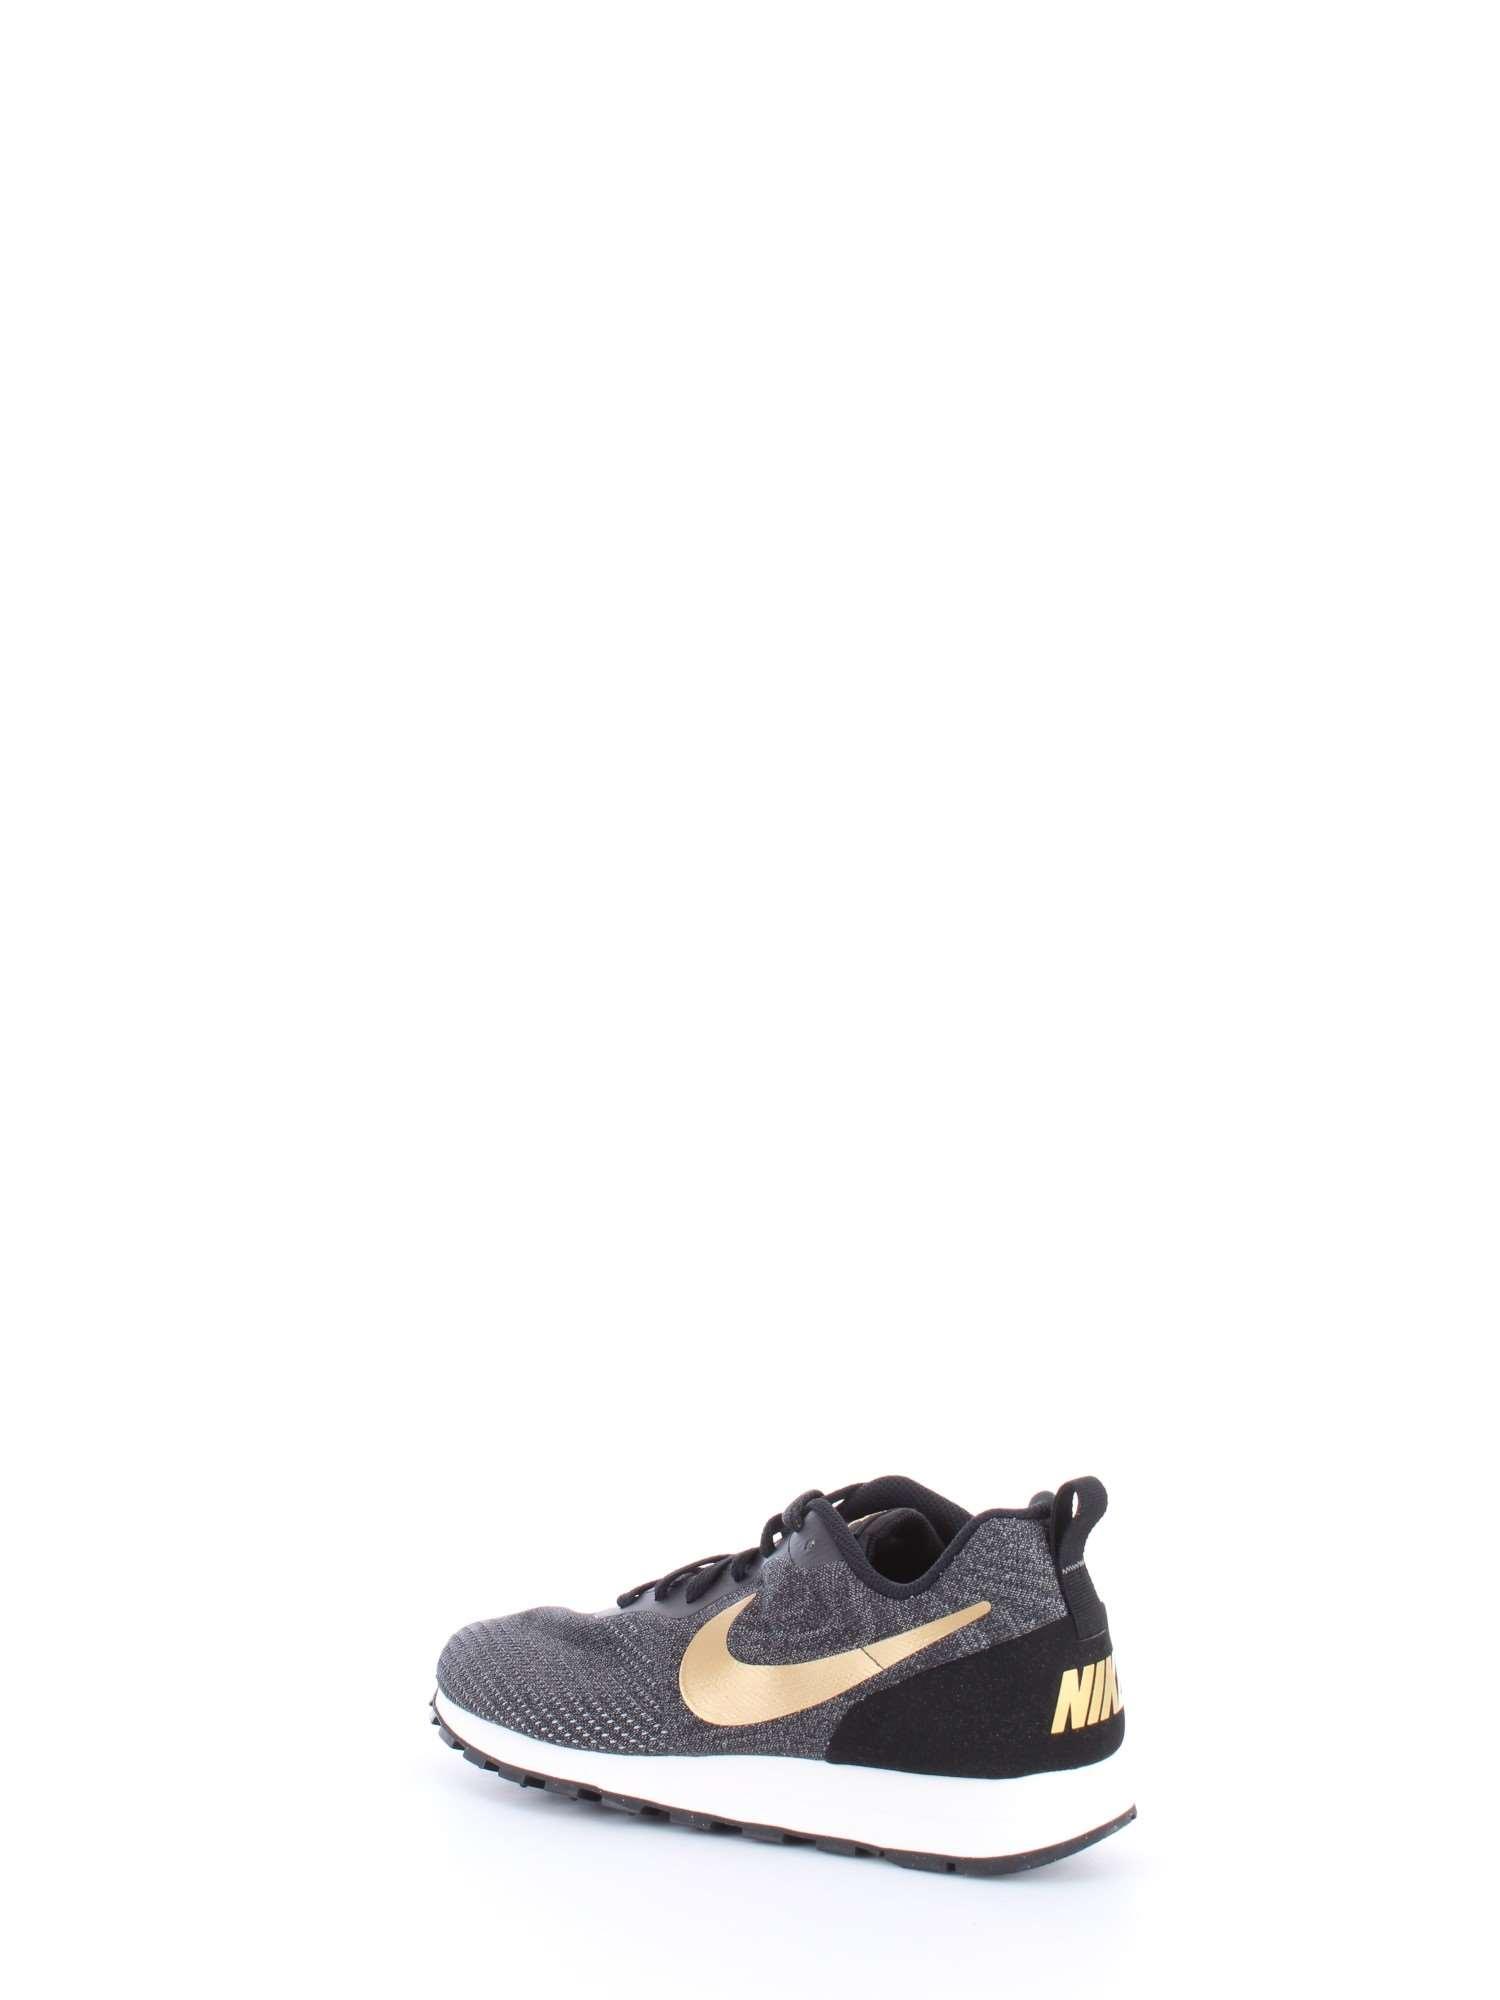 916774 Nike Primavera estate Sneakers 011 Nero Uomo mN80vOnwPy